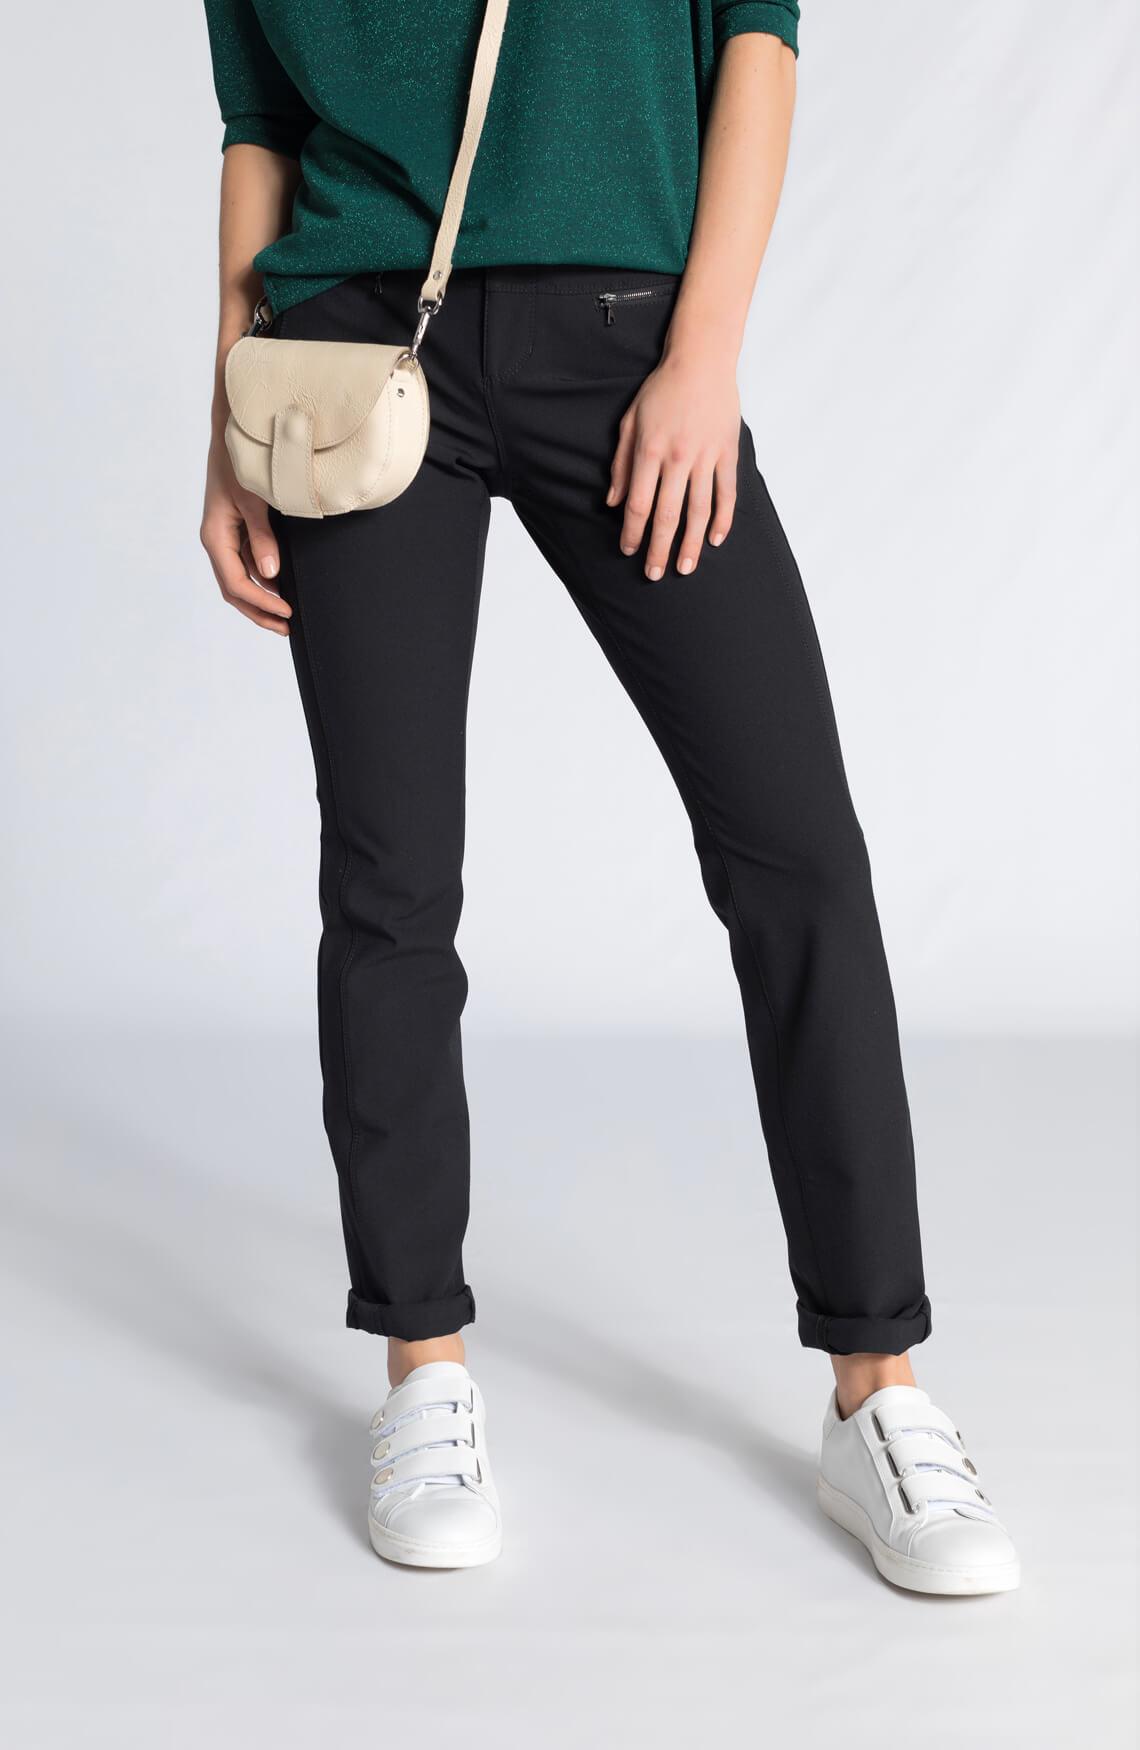 Cambio Dames Parla zip pantalon zwart